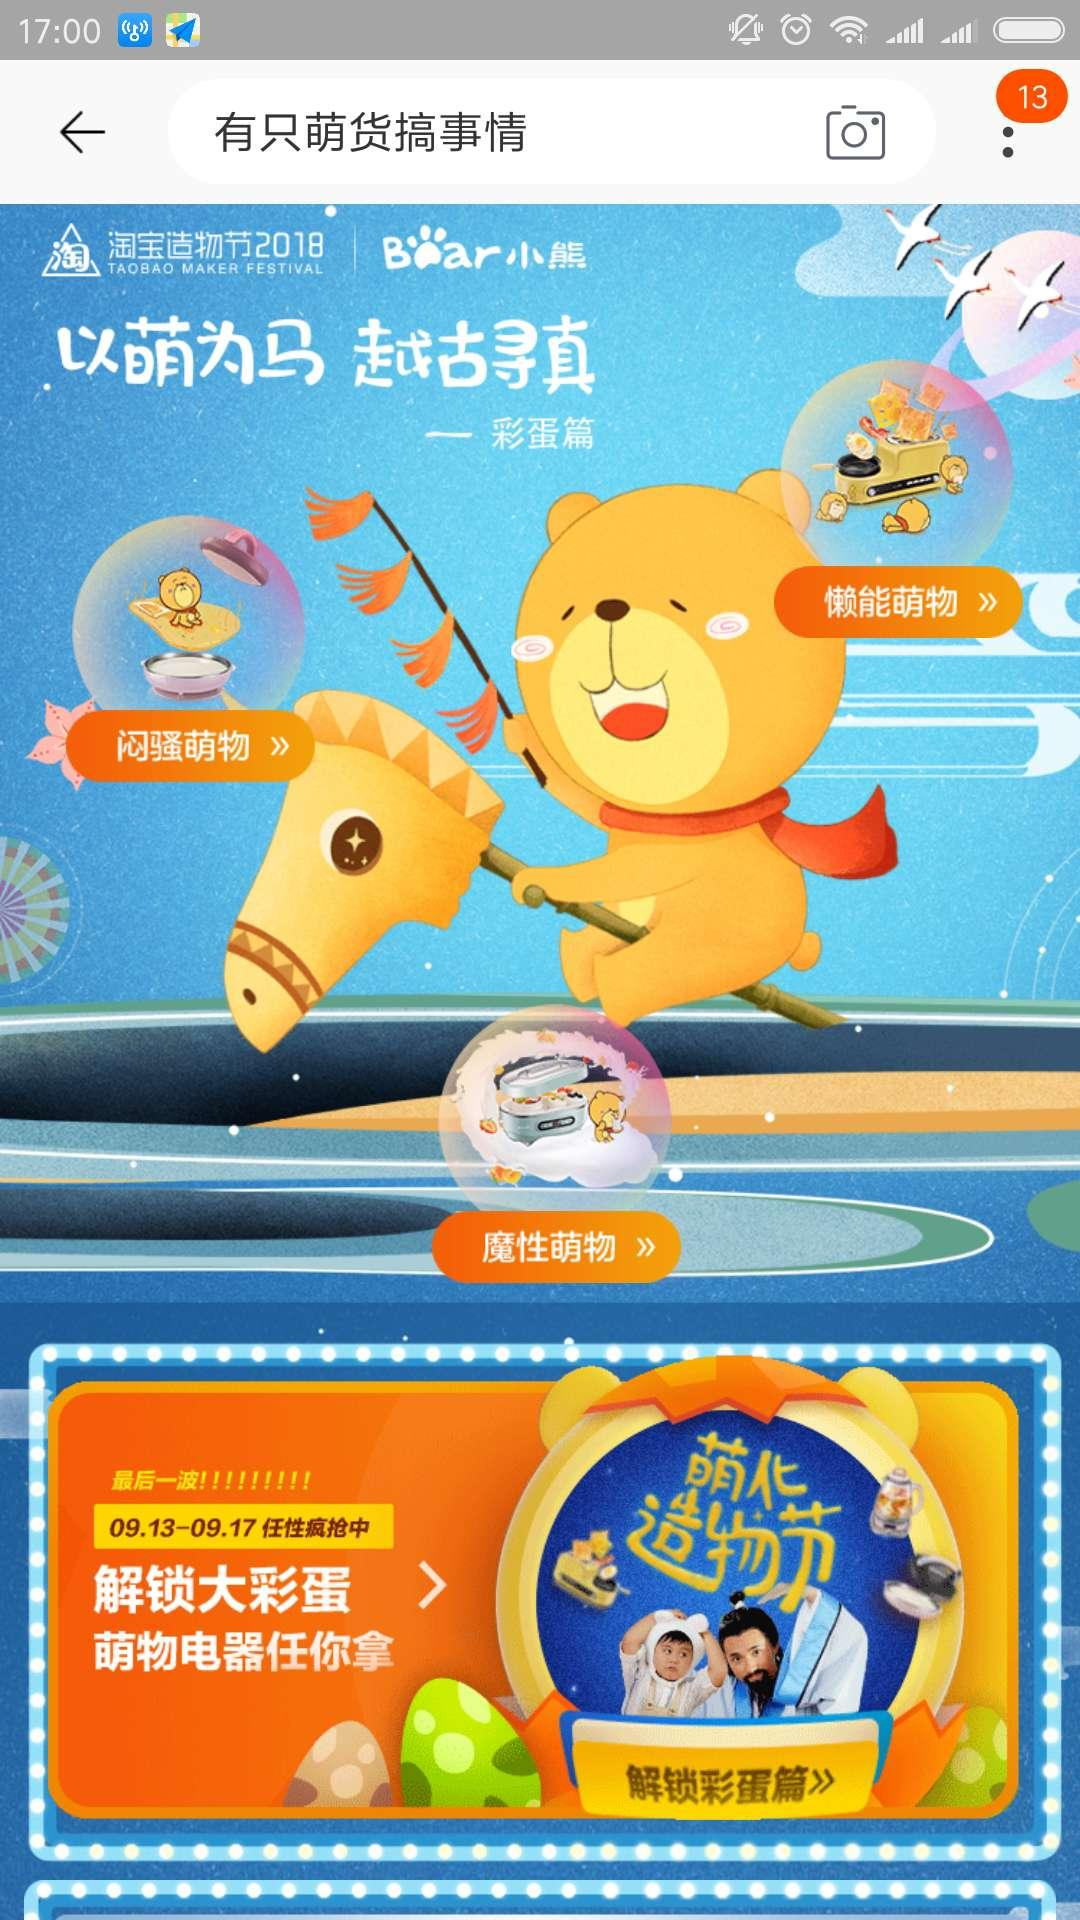 """小熊電器打造品牌月營銷IP盛宴,助推品牌""""萌家電""""戰略"""